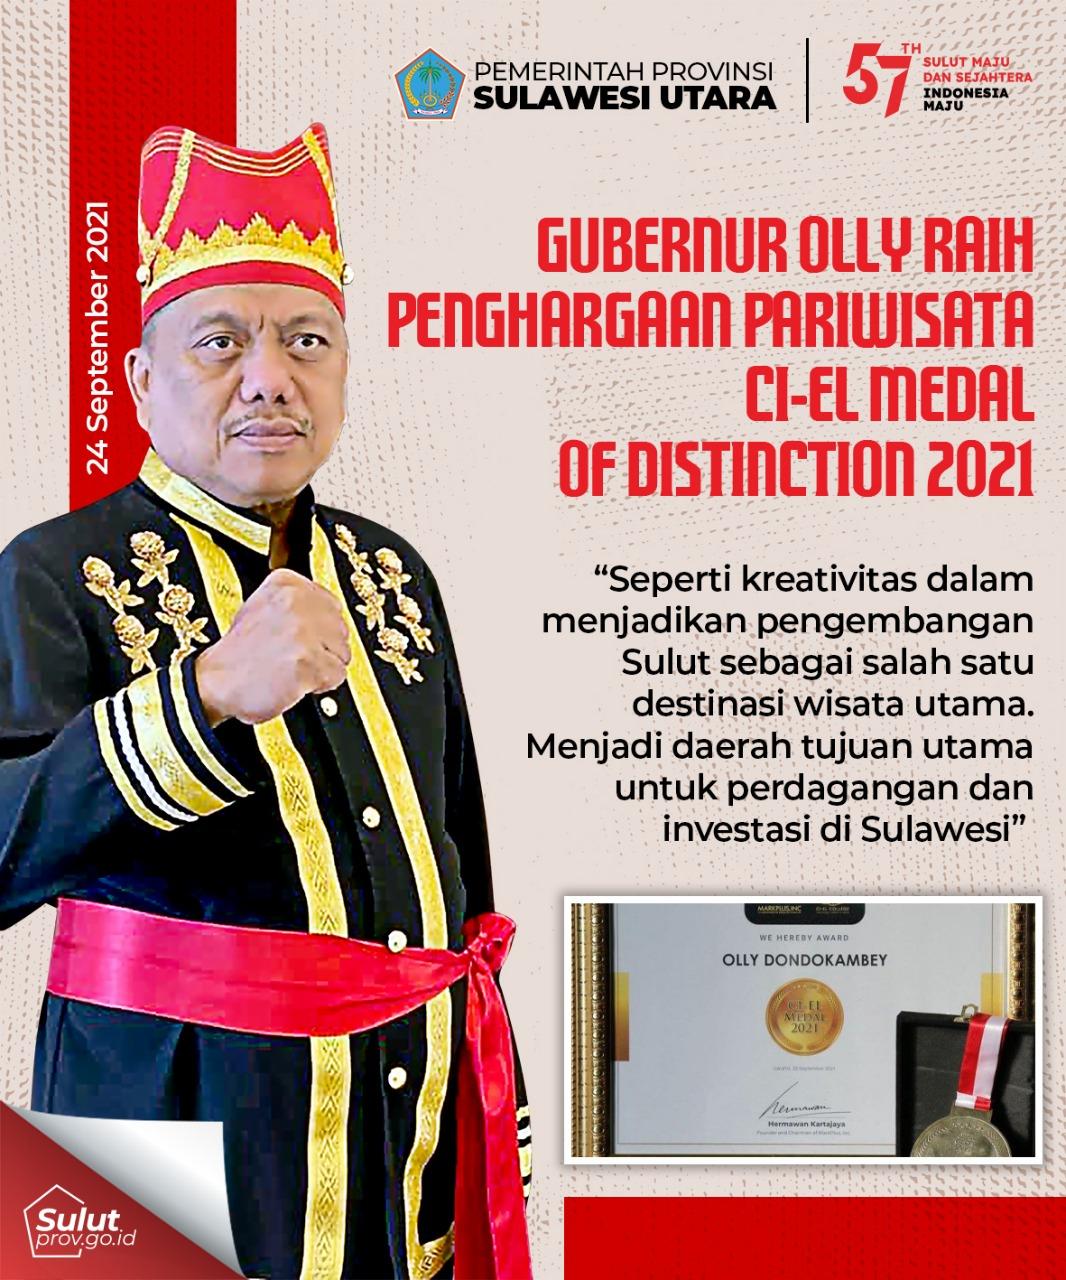 GUBERNUR OLLY RAIH PENGHARGAAN PARIWISATA CI-EL MEDAL OF DISTINCTION 2021